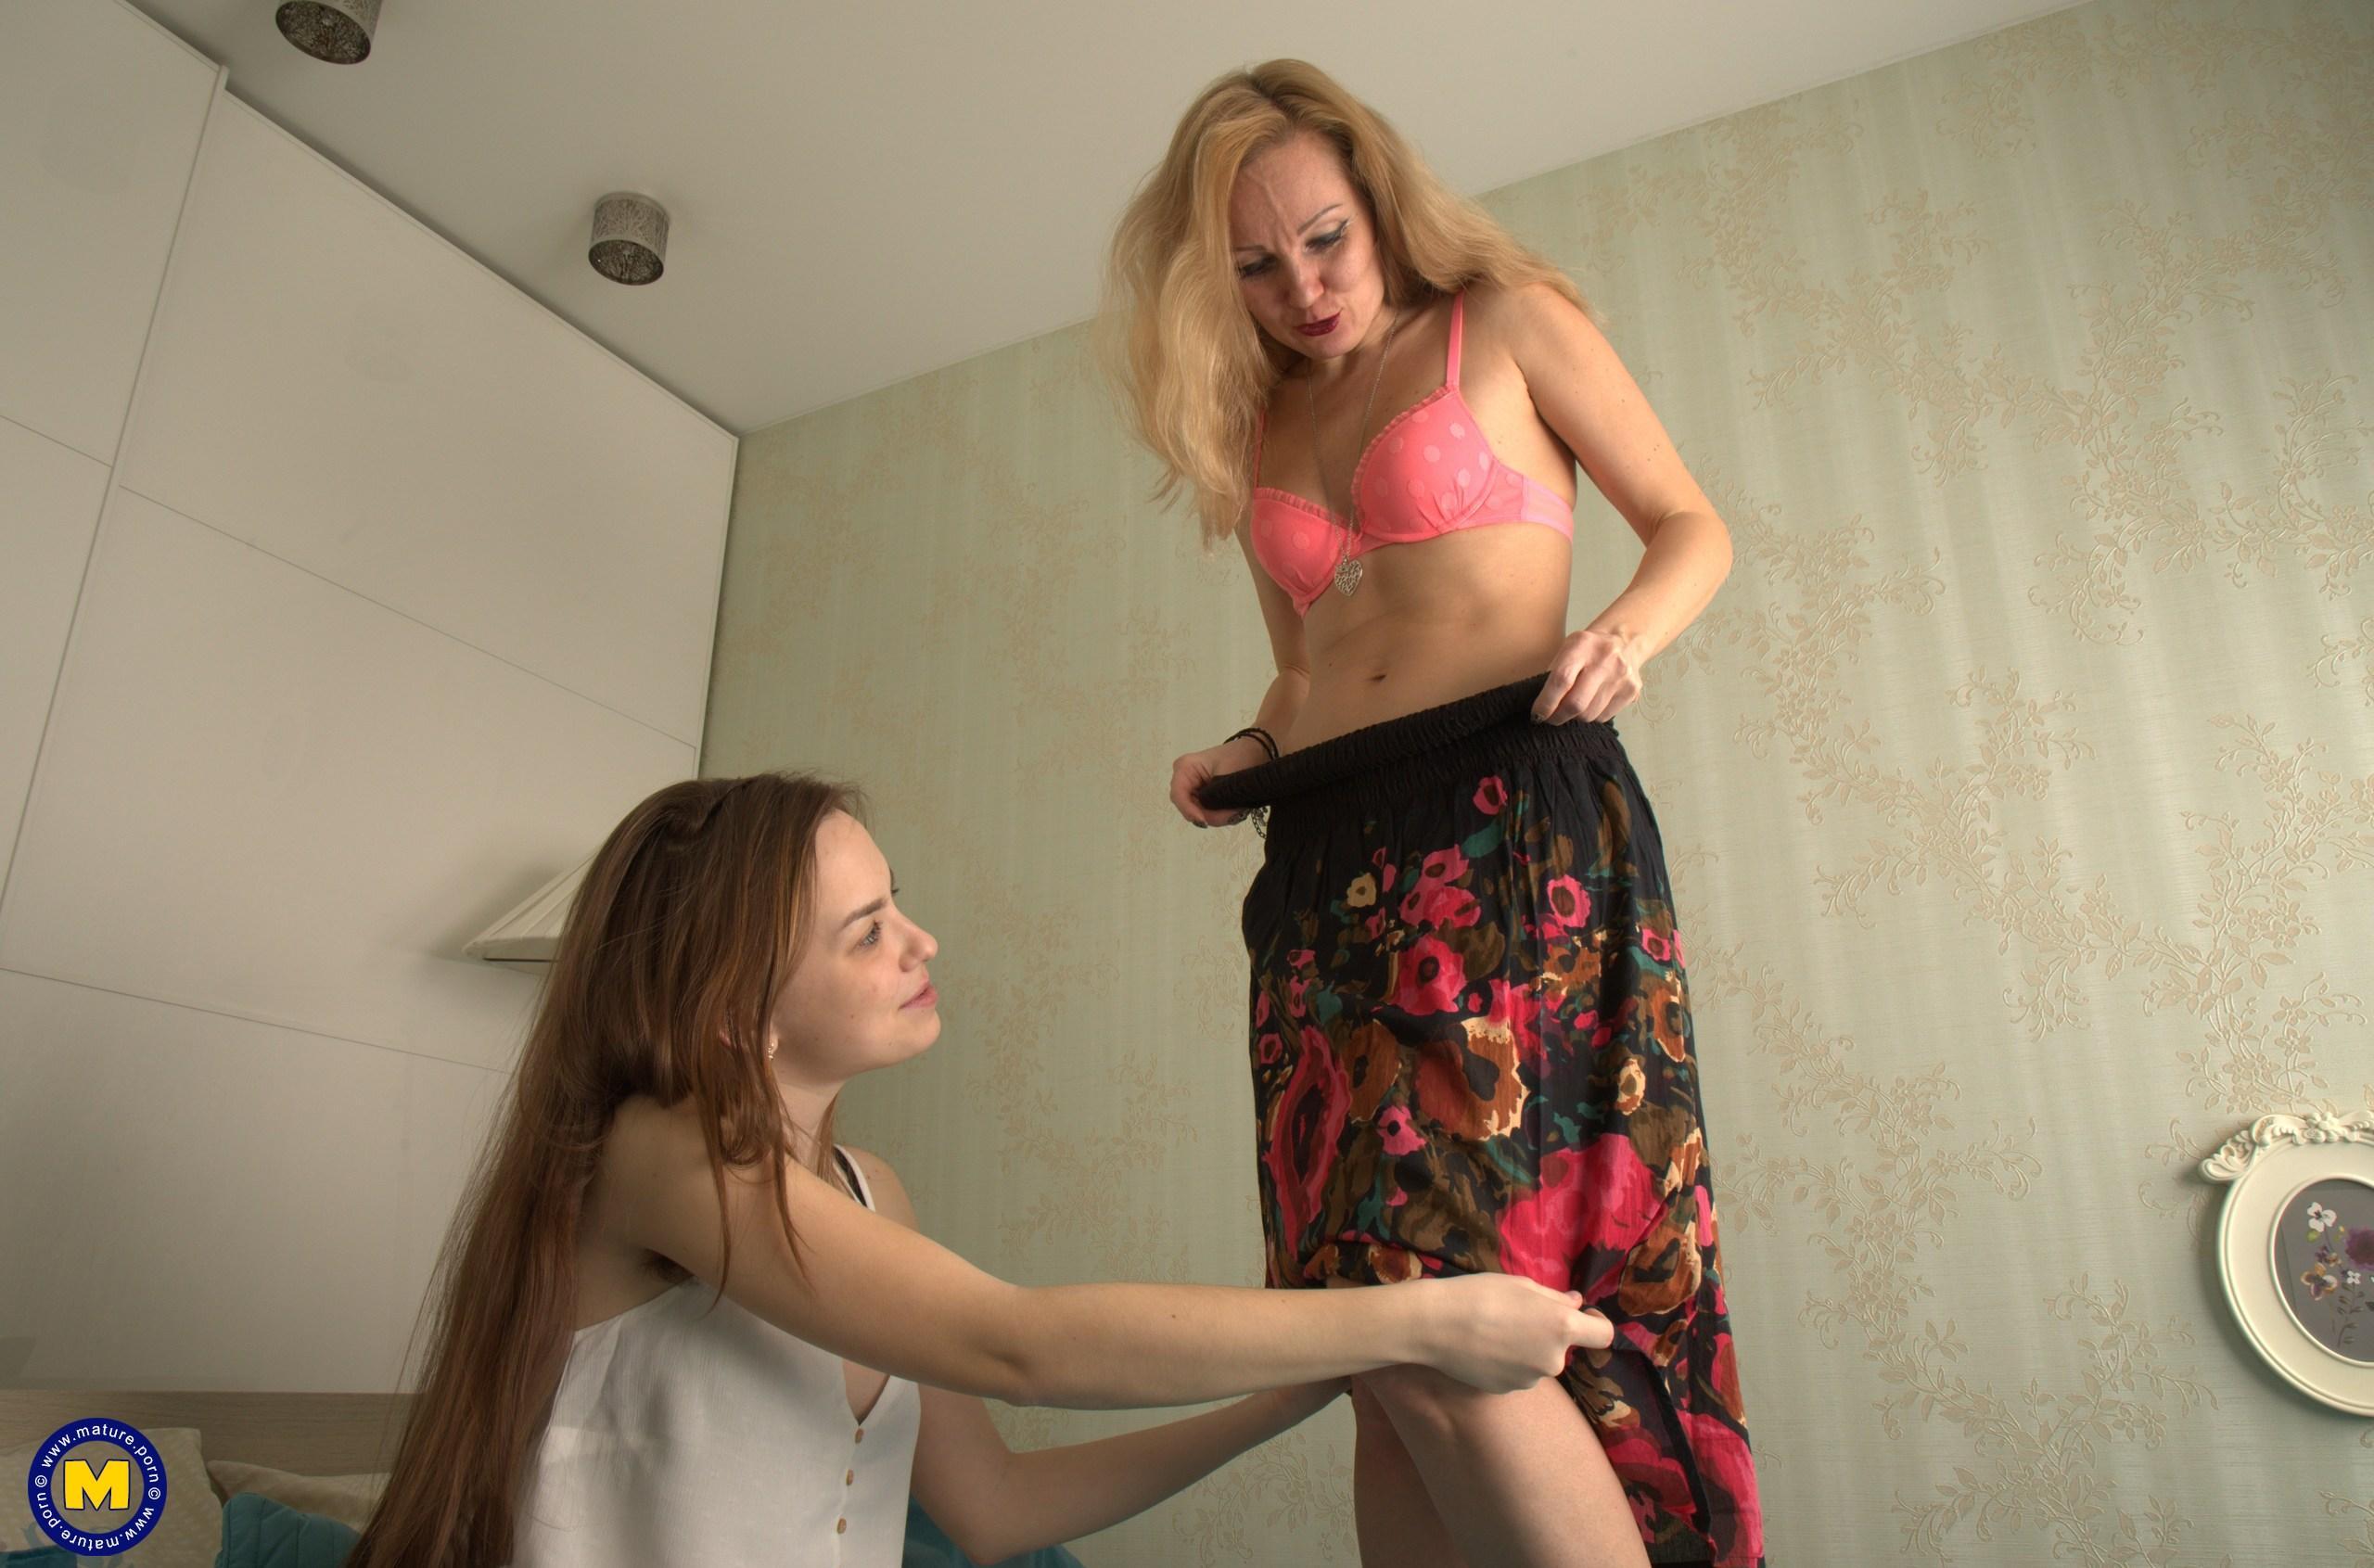 alte frau zeigt 18 jährigem teenage  girl die scissor sisters stellung und lässt sie mit der zunge in der alten haarigen möse lecken picture 2